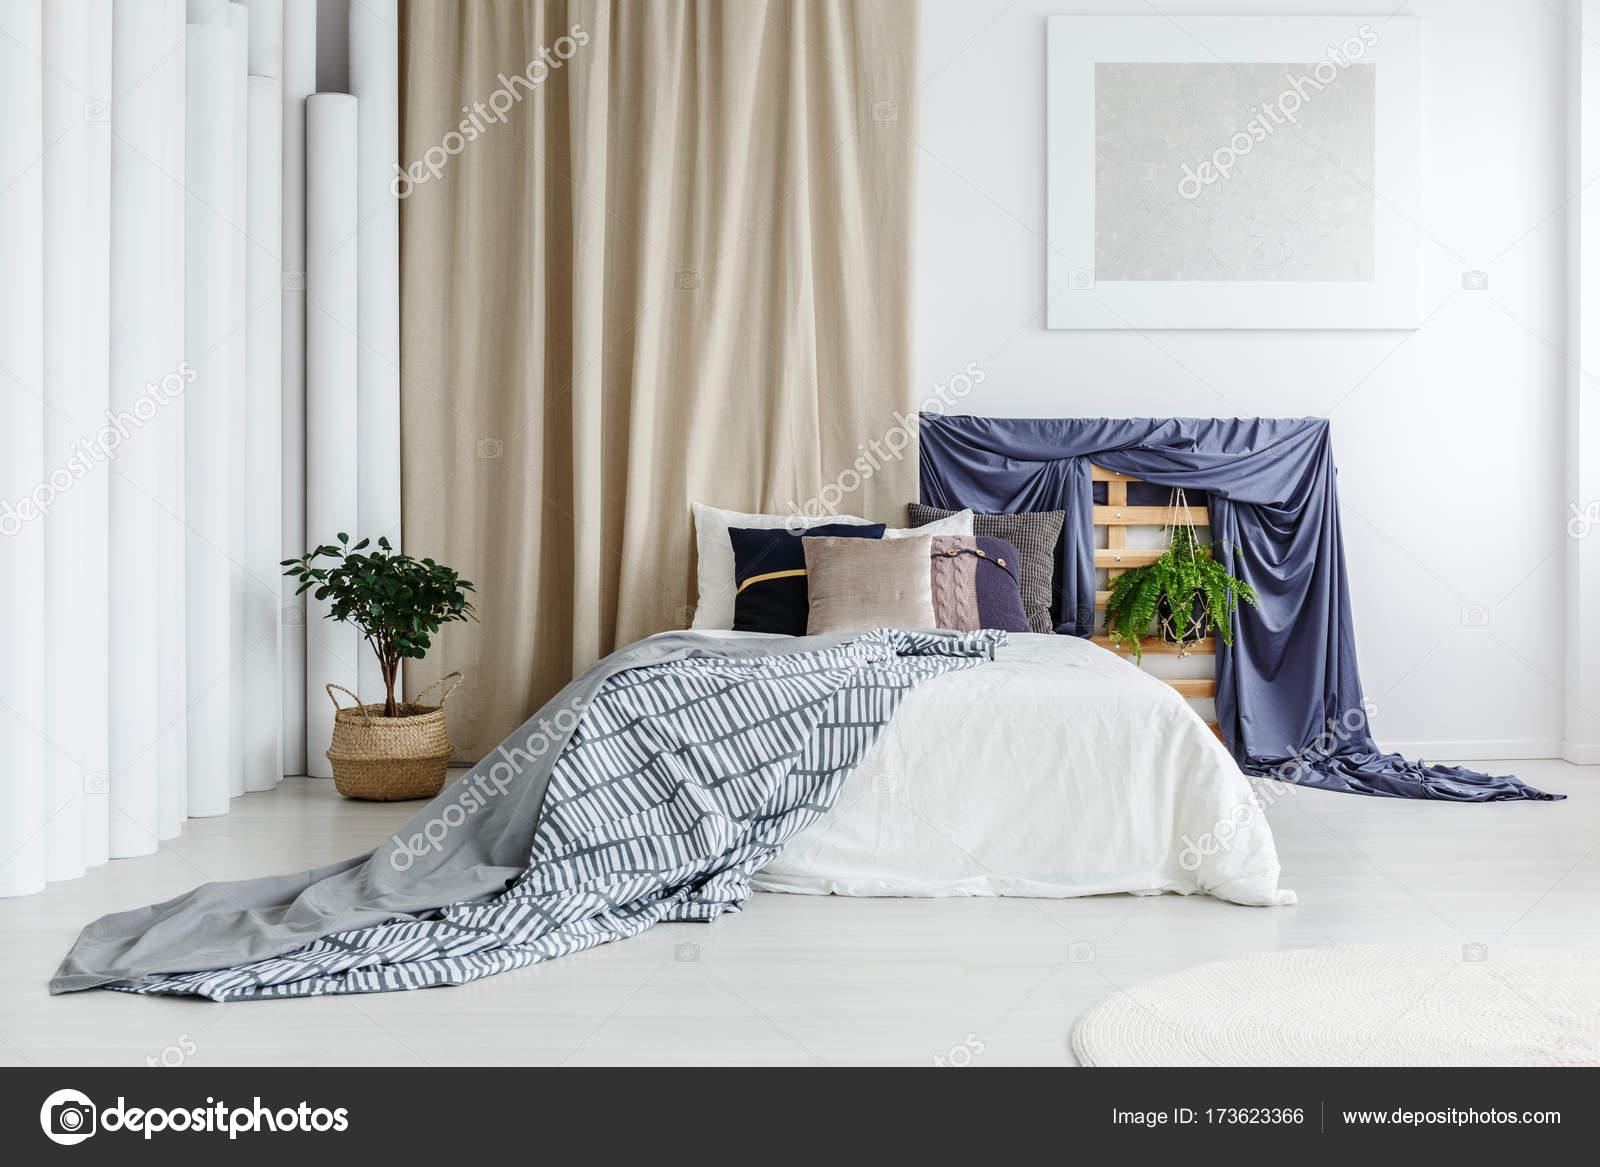 Satin Blau Tuch Auf Holzbrettern Im Schlafzimmer Innenraum Mit Gemusterten  Tagesdecke Auf Bett Und Pflanze Gegen Beige Vorhang U2014 Foto Von  Photographee.eu